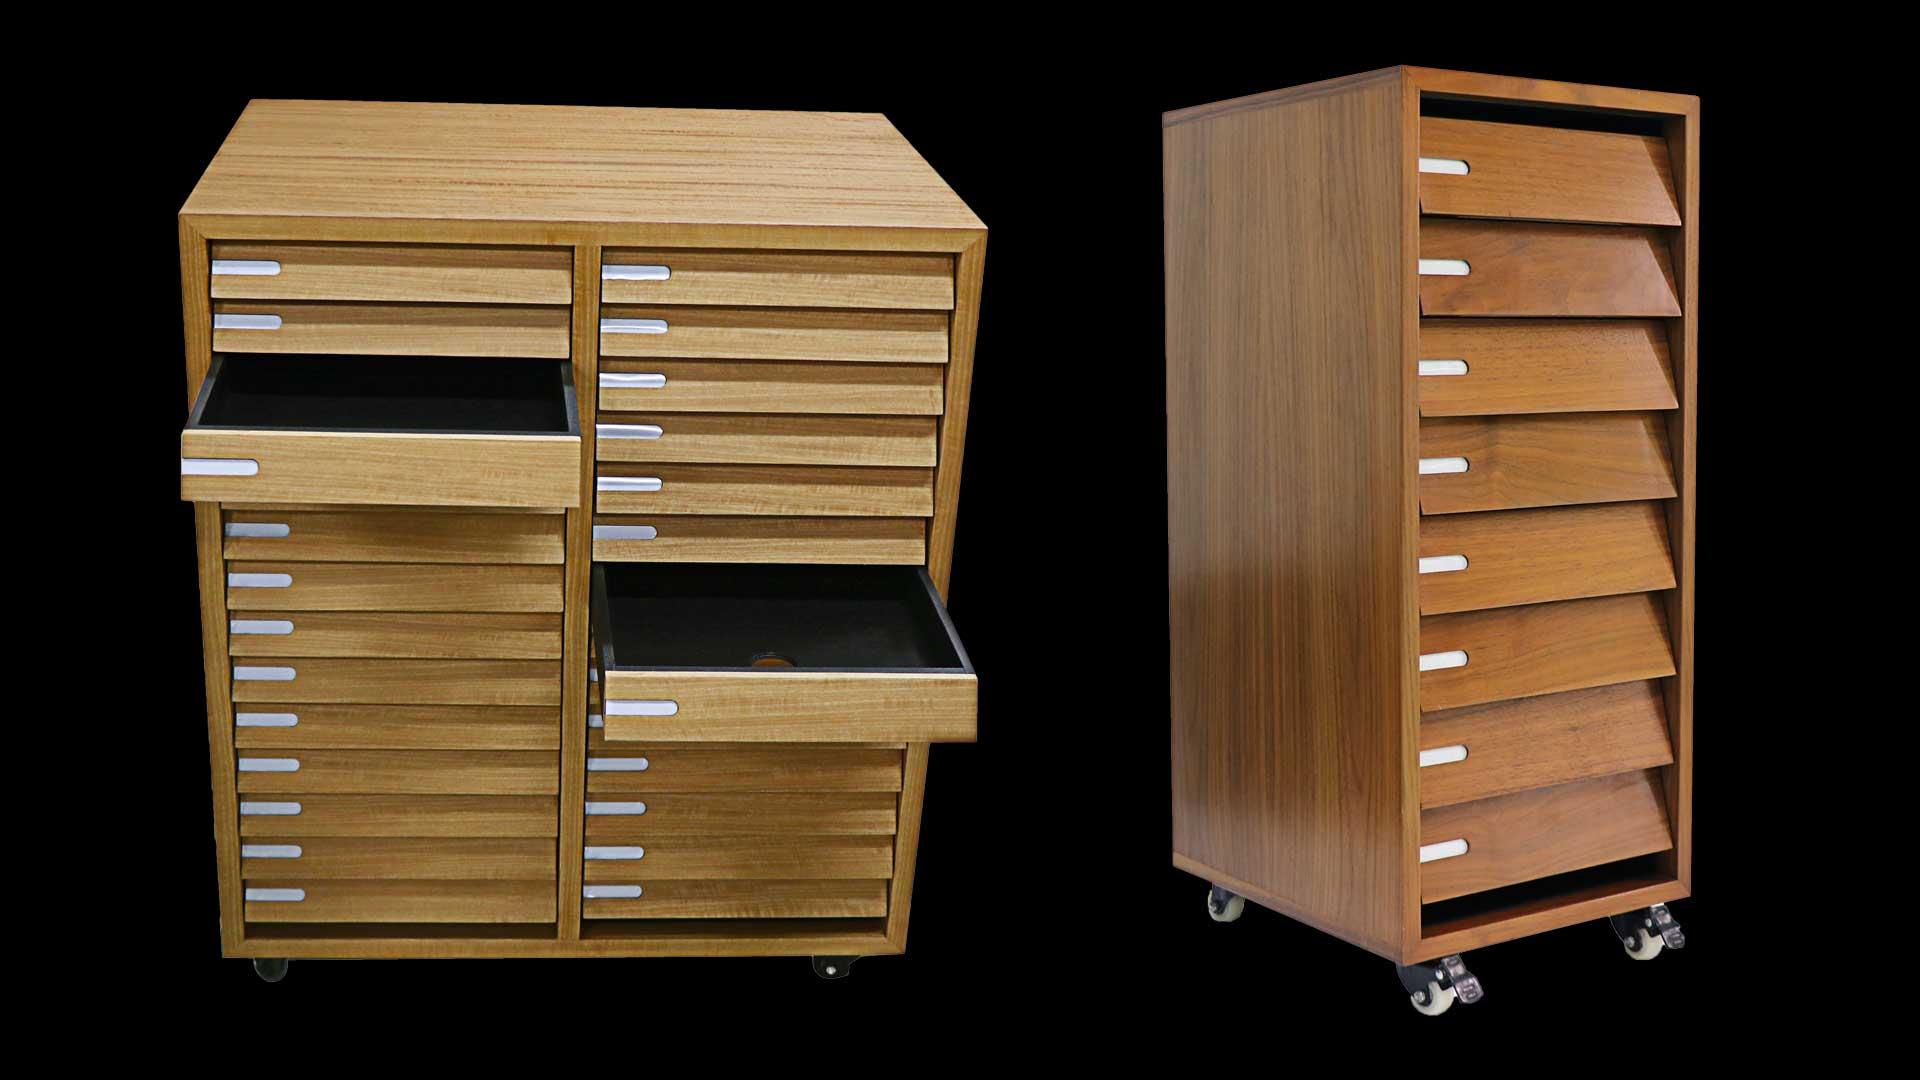 Wood Veneer Product Samples